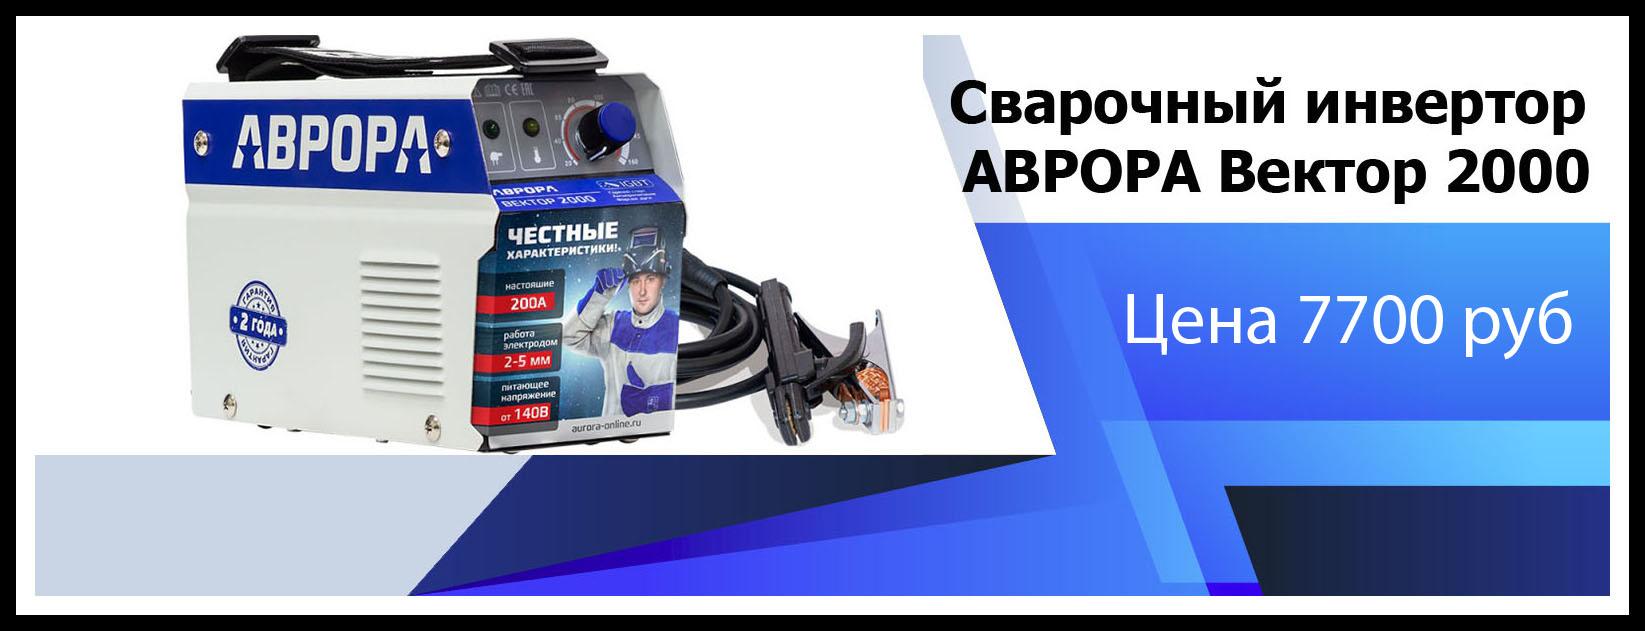 Купить сварочный инвертор Aurora Вектор 2000. Магазин Сварка